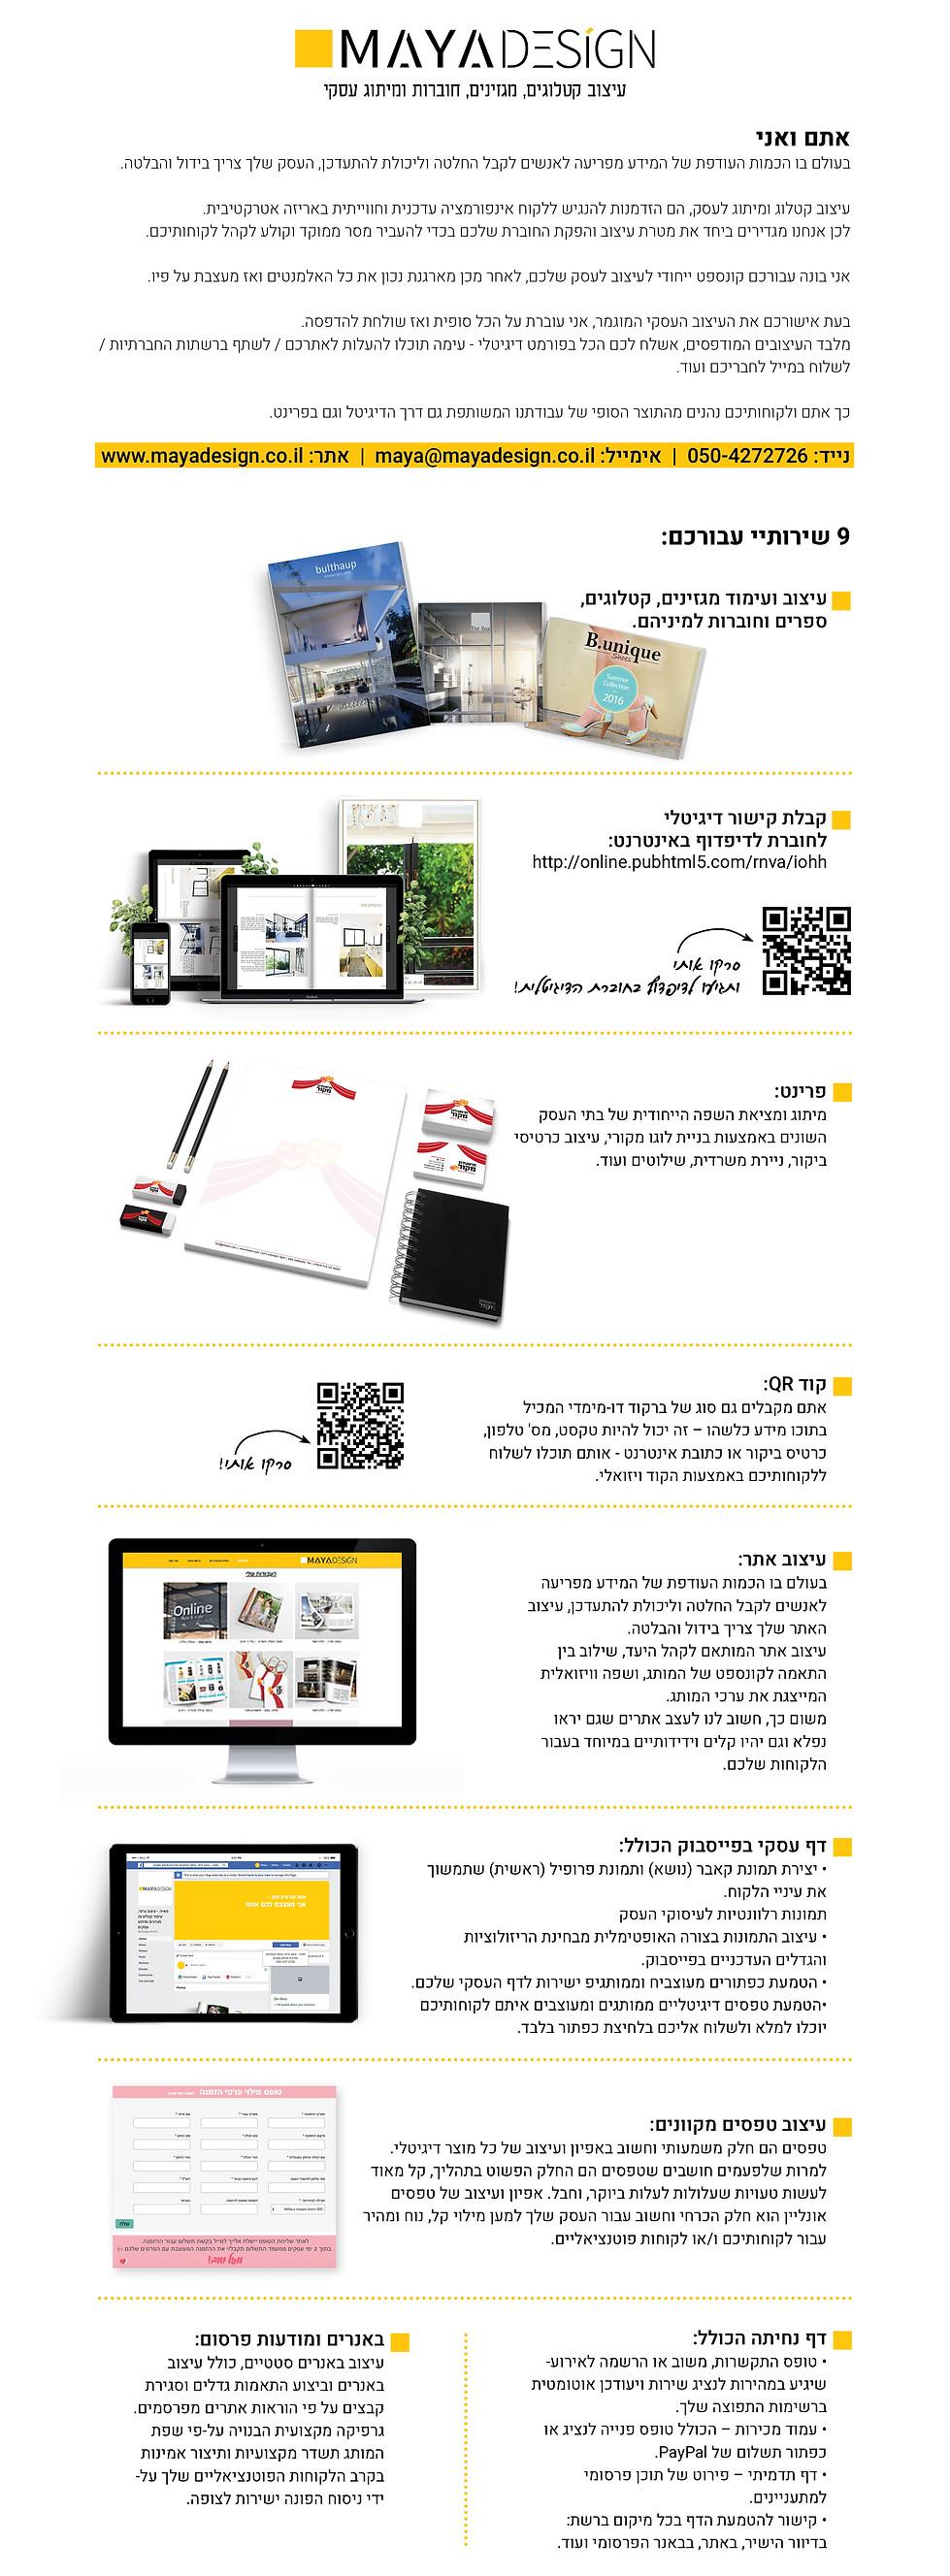 עיצוב קטלוג, עיצוב קטלוגים, עיצוב קטלוג דיגיטלי, עיצוב מגזין, עיצוב מגזינים, עיצוב מגזין דיגיטלי, עיצוב חוברת, עיצוב חוברות, עיצוב חוברת דיגיטלית, עיצוב ספרים, עיצוב ספר דיגיטלי, מעצב גרפי, מאיה דיזיין עיצוב גרפי